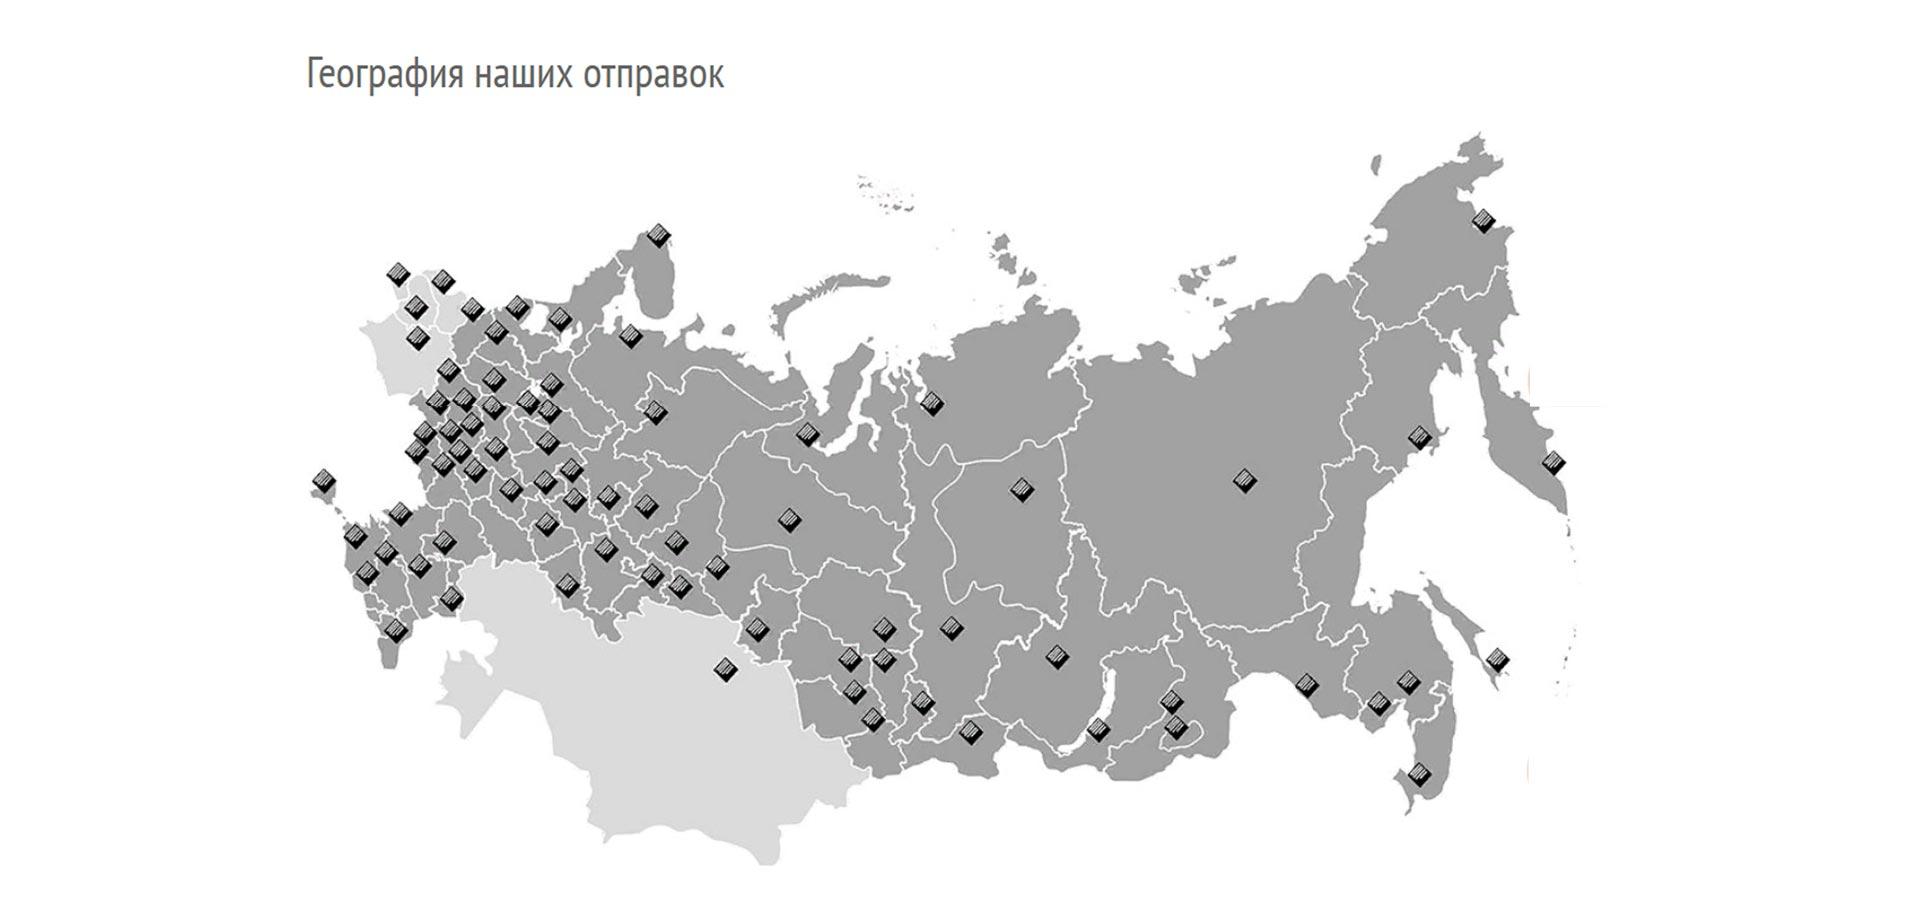 география отправок шоколого карта